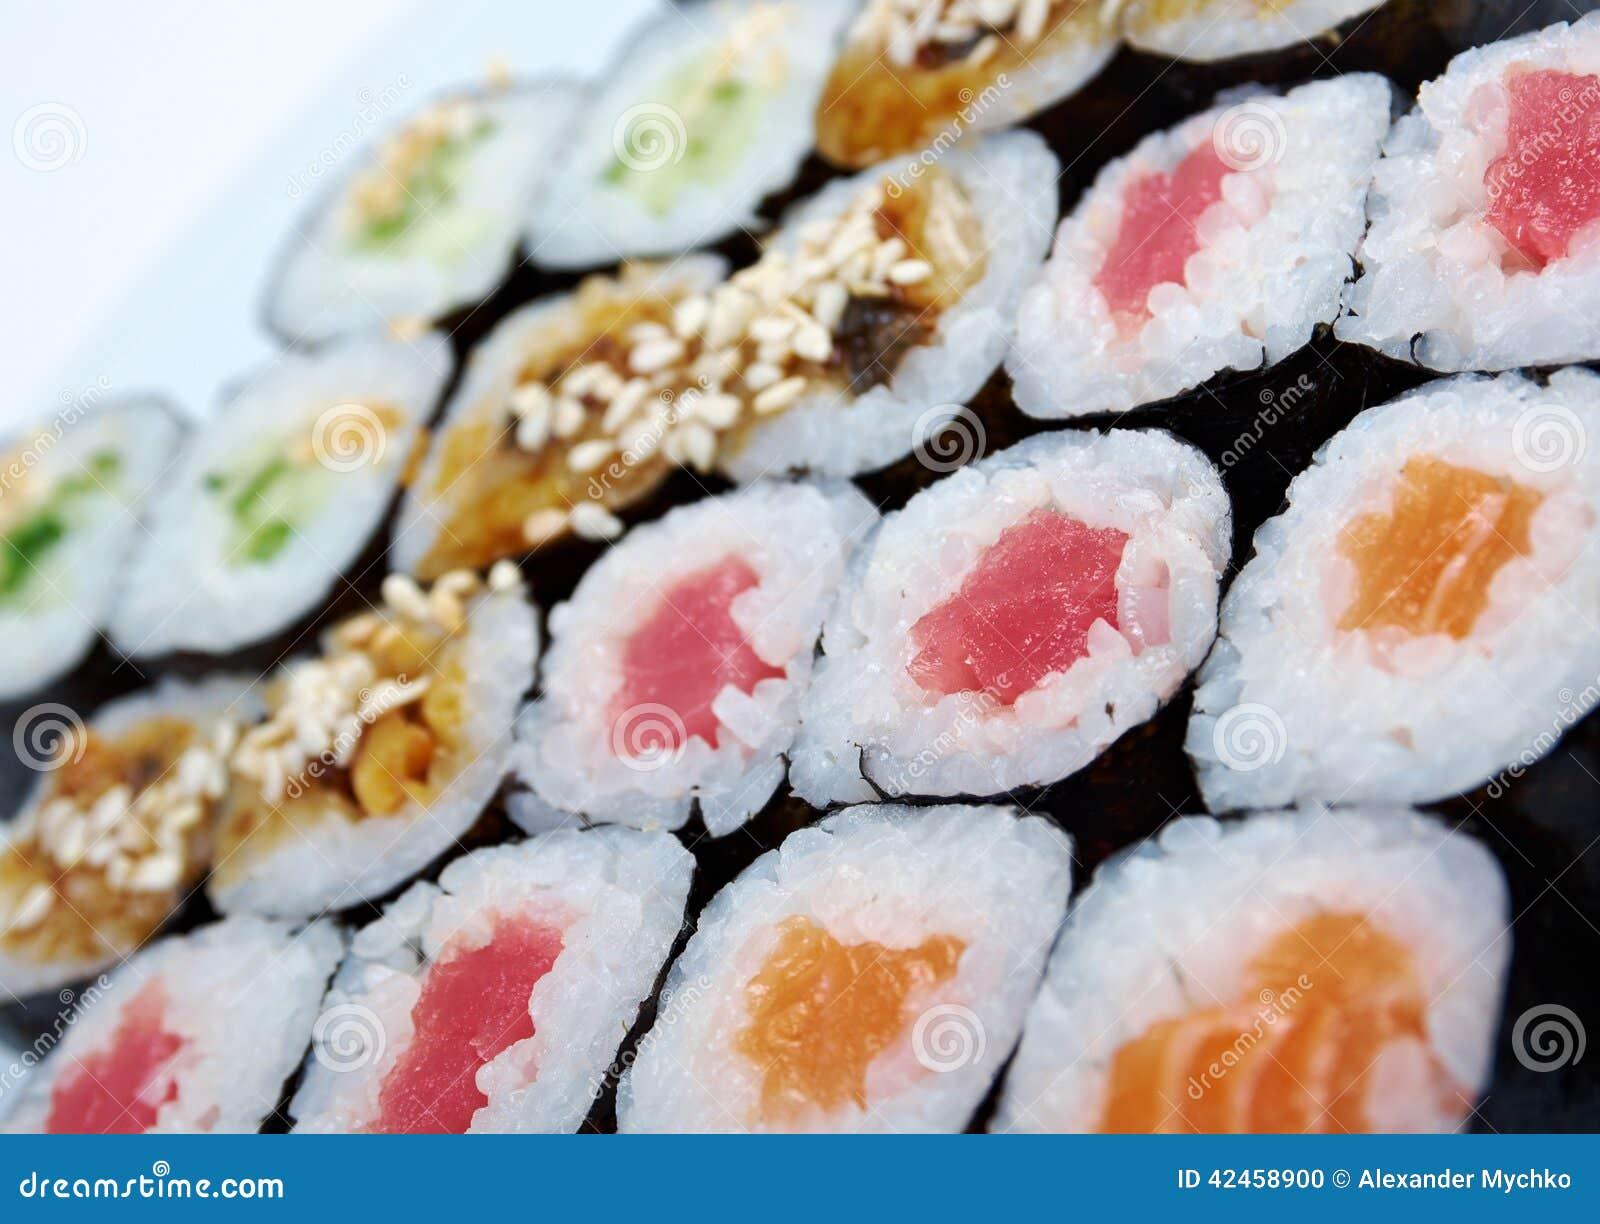 Rollen Sie gemachte Lachse, Aal, Thunfisch, Gemüse